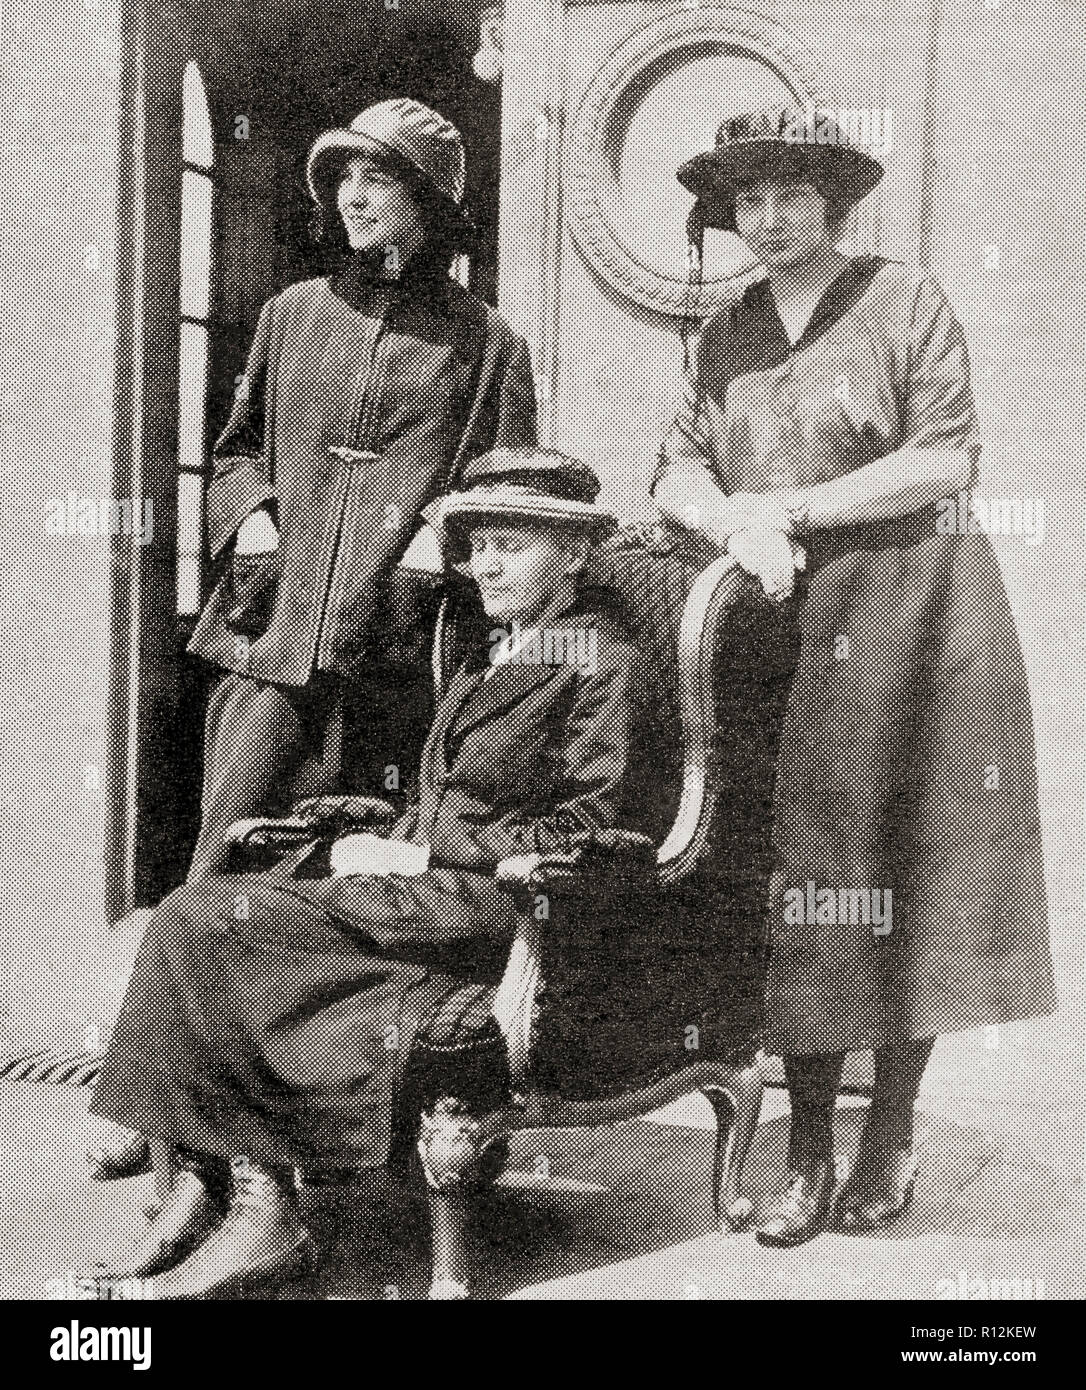 Madame Curie, Mitte, hier mit ihren zwei Töchtern gesehen. Marie Skłodowska Curie, geboren Maria Salomea Skłodowska, 1867 - 1934. Polnische und Naturalisiert - der französische Physiker und Chemiker. Von La Esfera, veröffentlicht 1921. Stockfoto